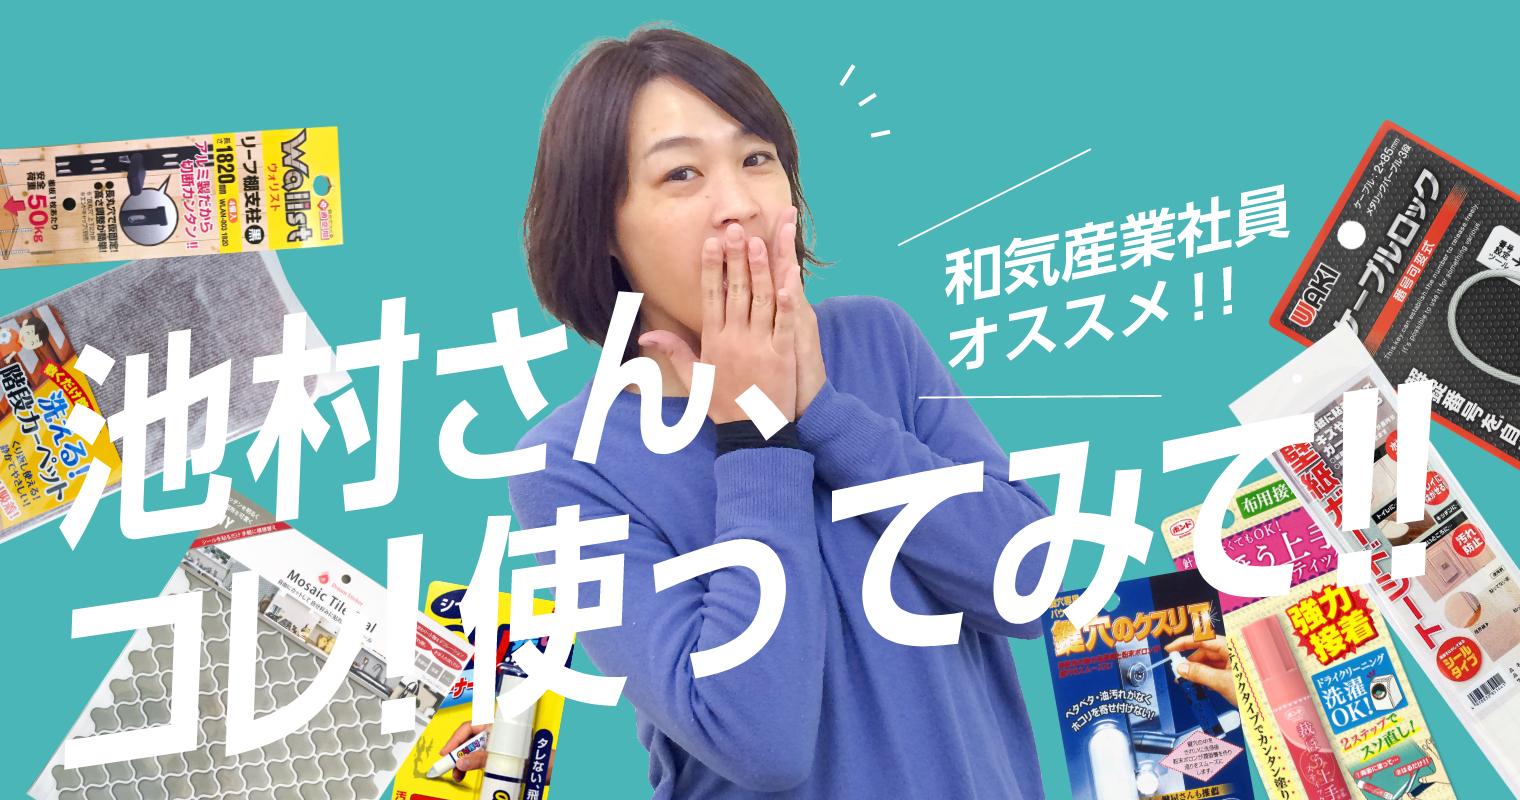 グランプリ決定♪和気産業社員のオススメ商品「池村さん、コレ!使ってみて